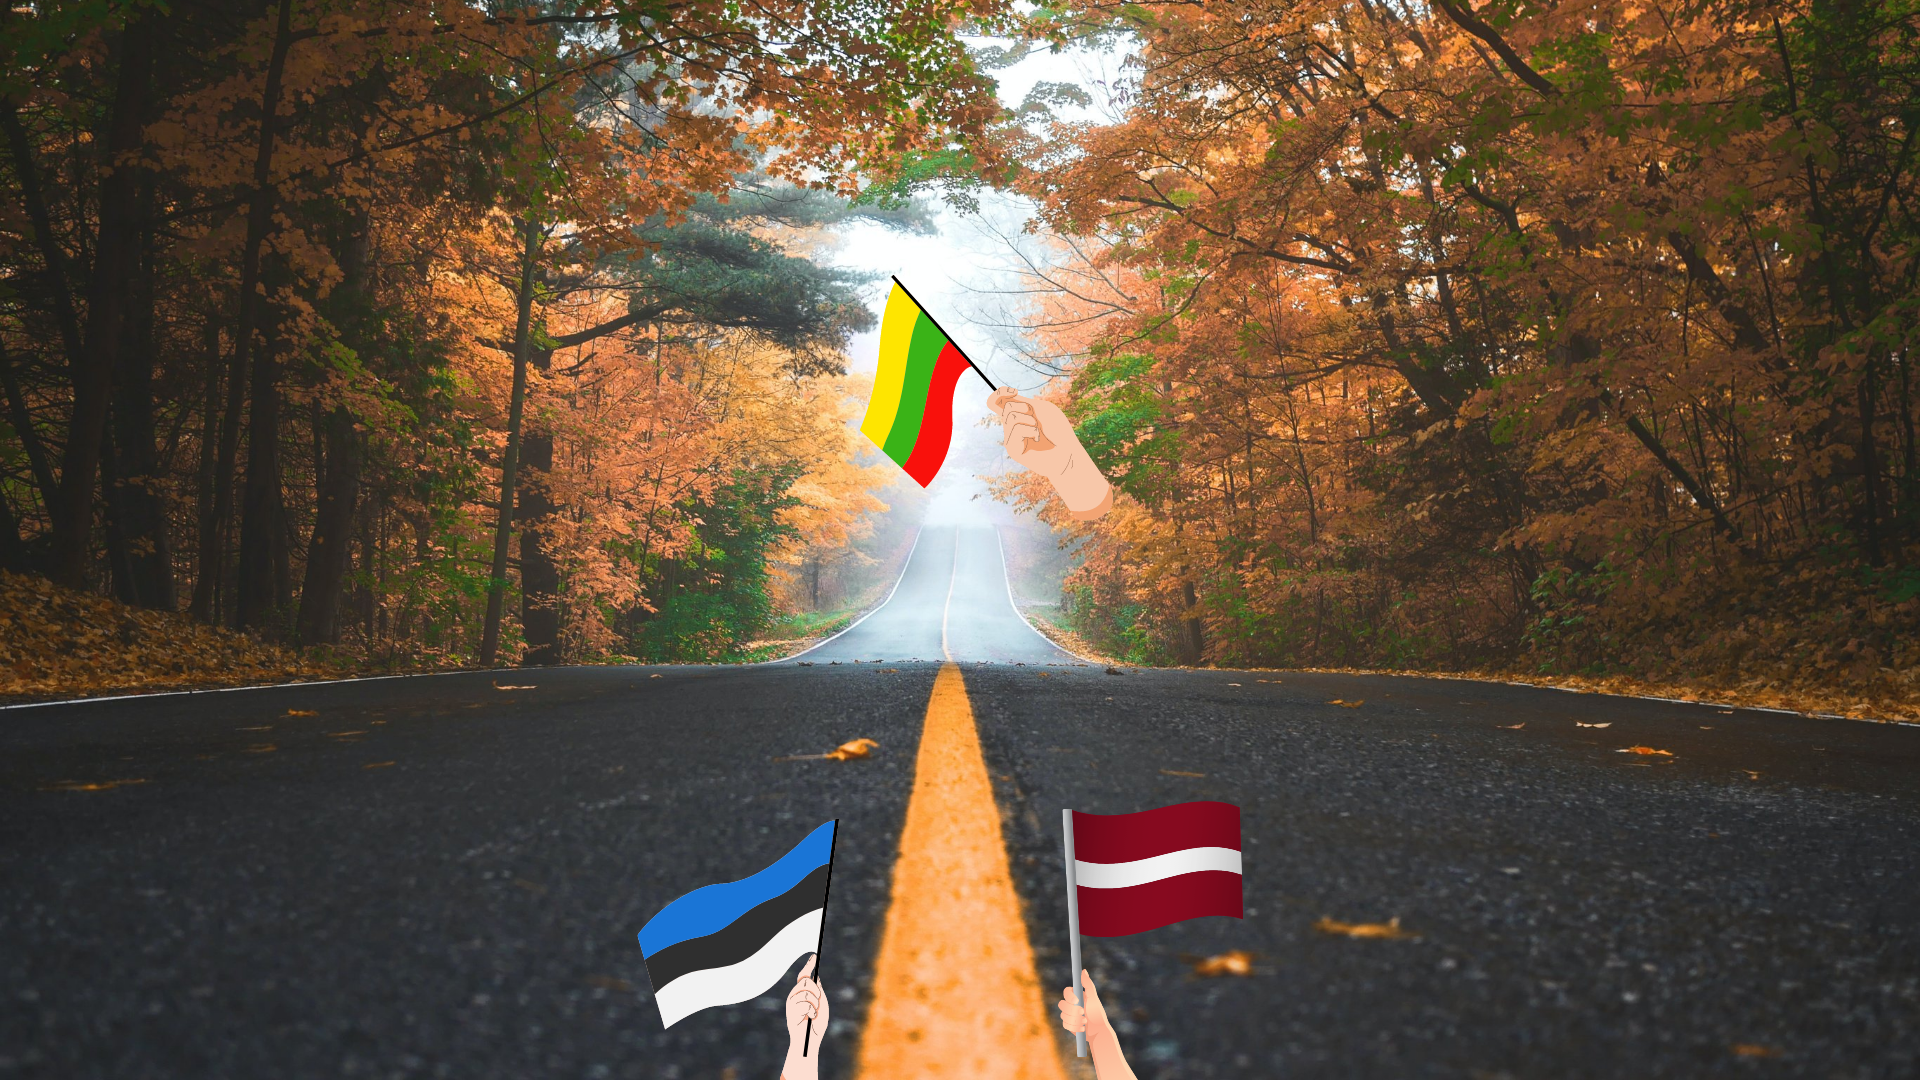 Pretī jaunām zināšanām – Nordplus projekta mobilitāte Lietuvā